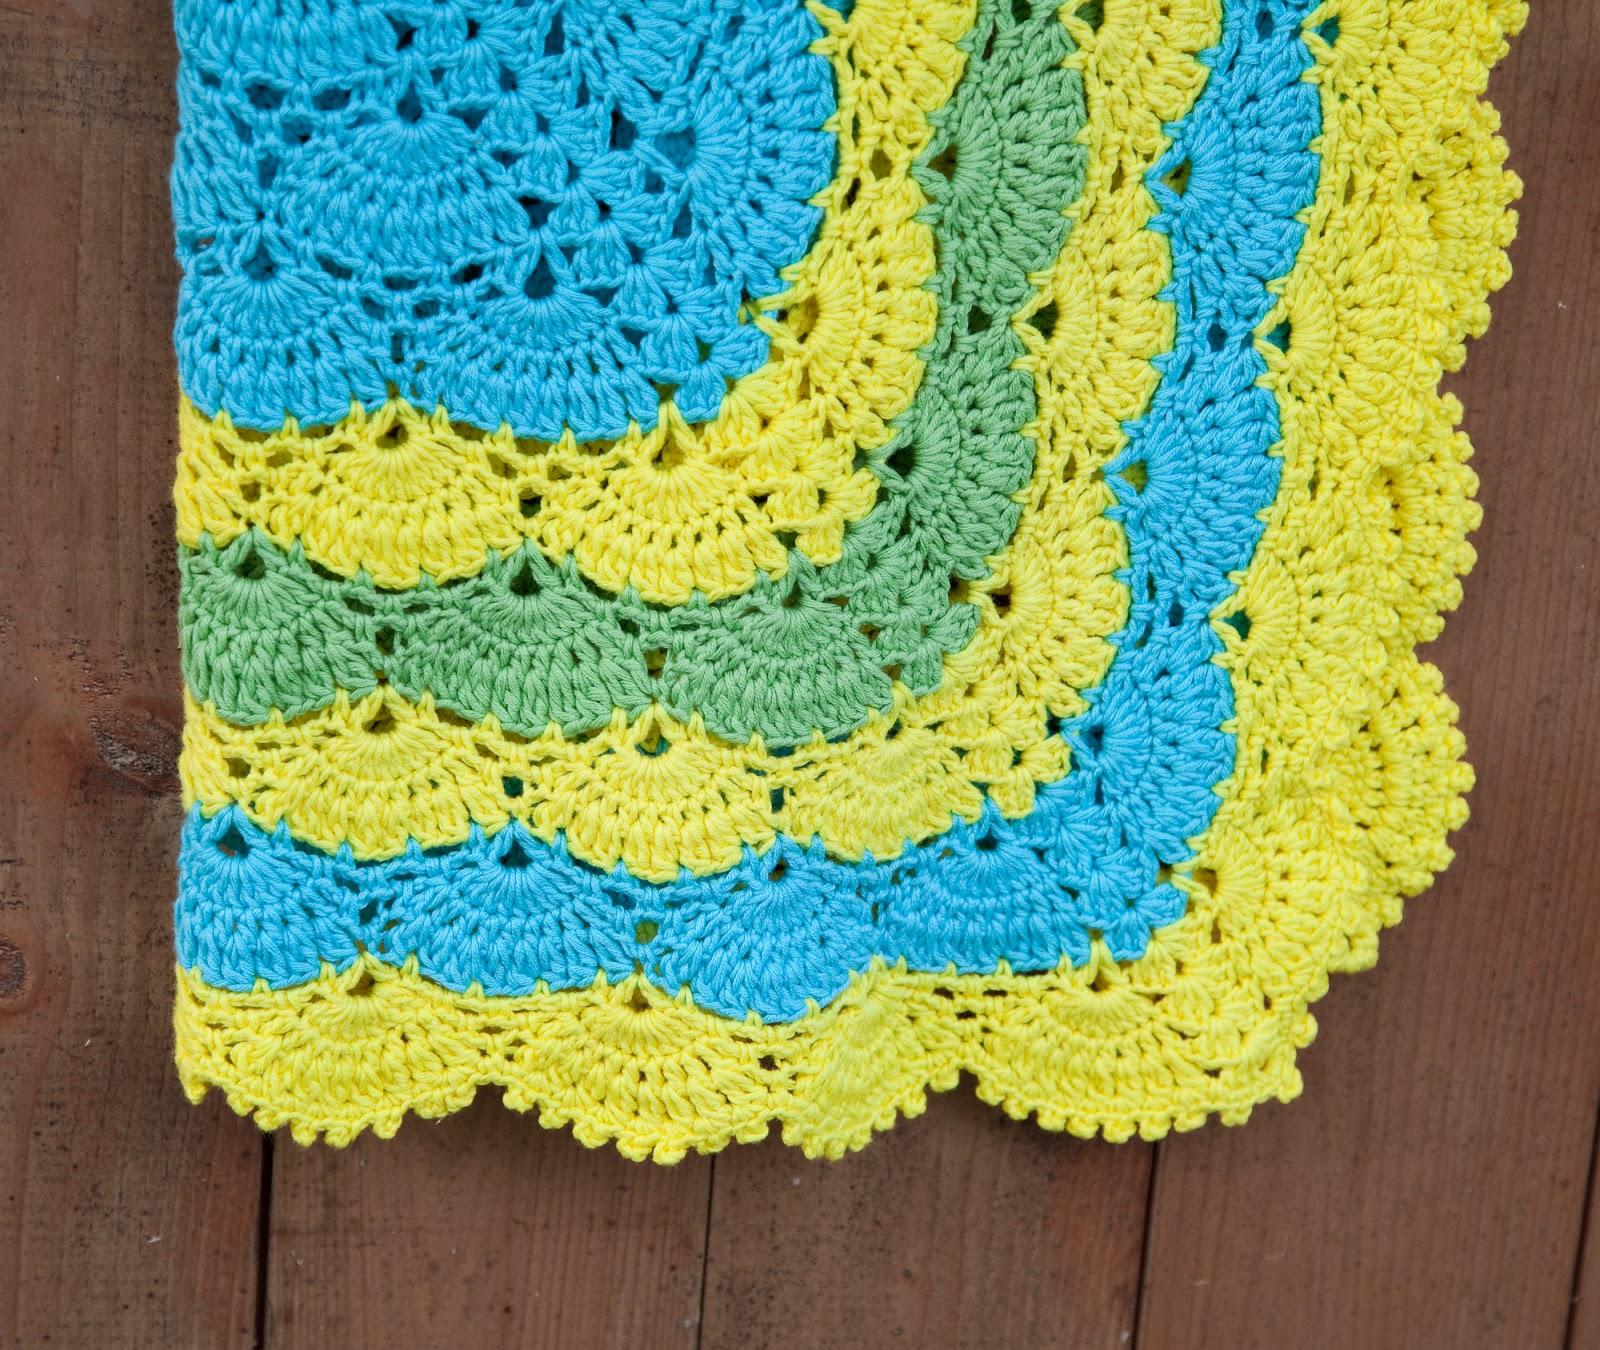 Sasha Patterns Crochet Lace Shell Stitch Baby Blanket Pattern